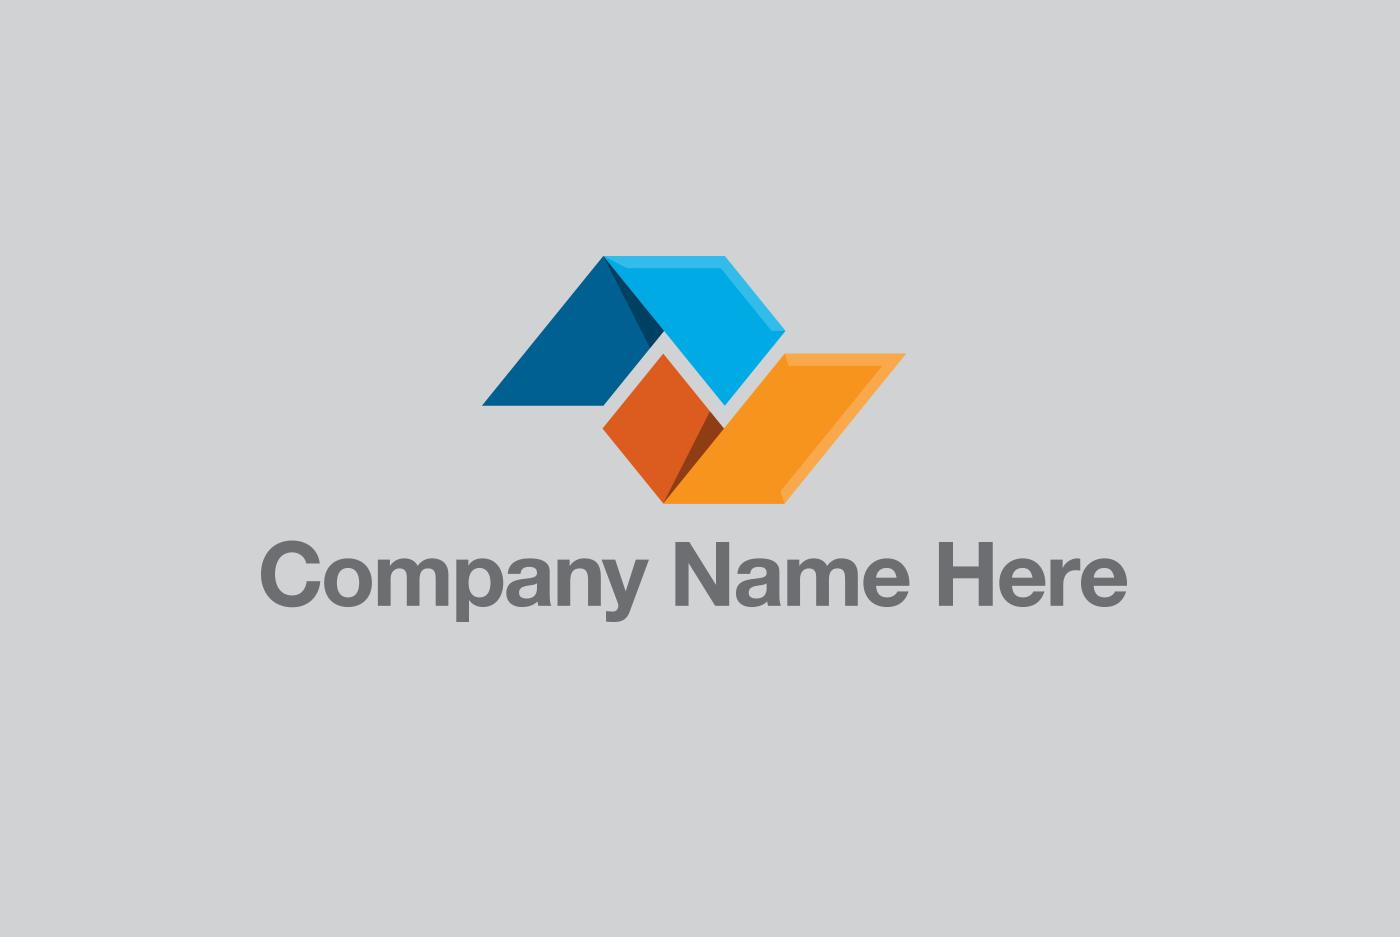 The $10 Logo